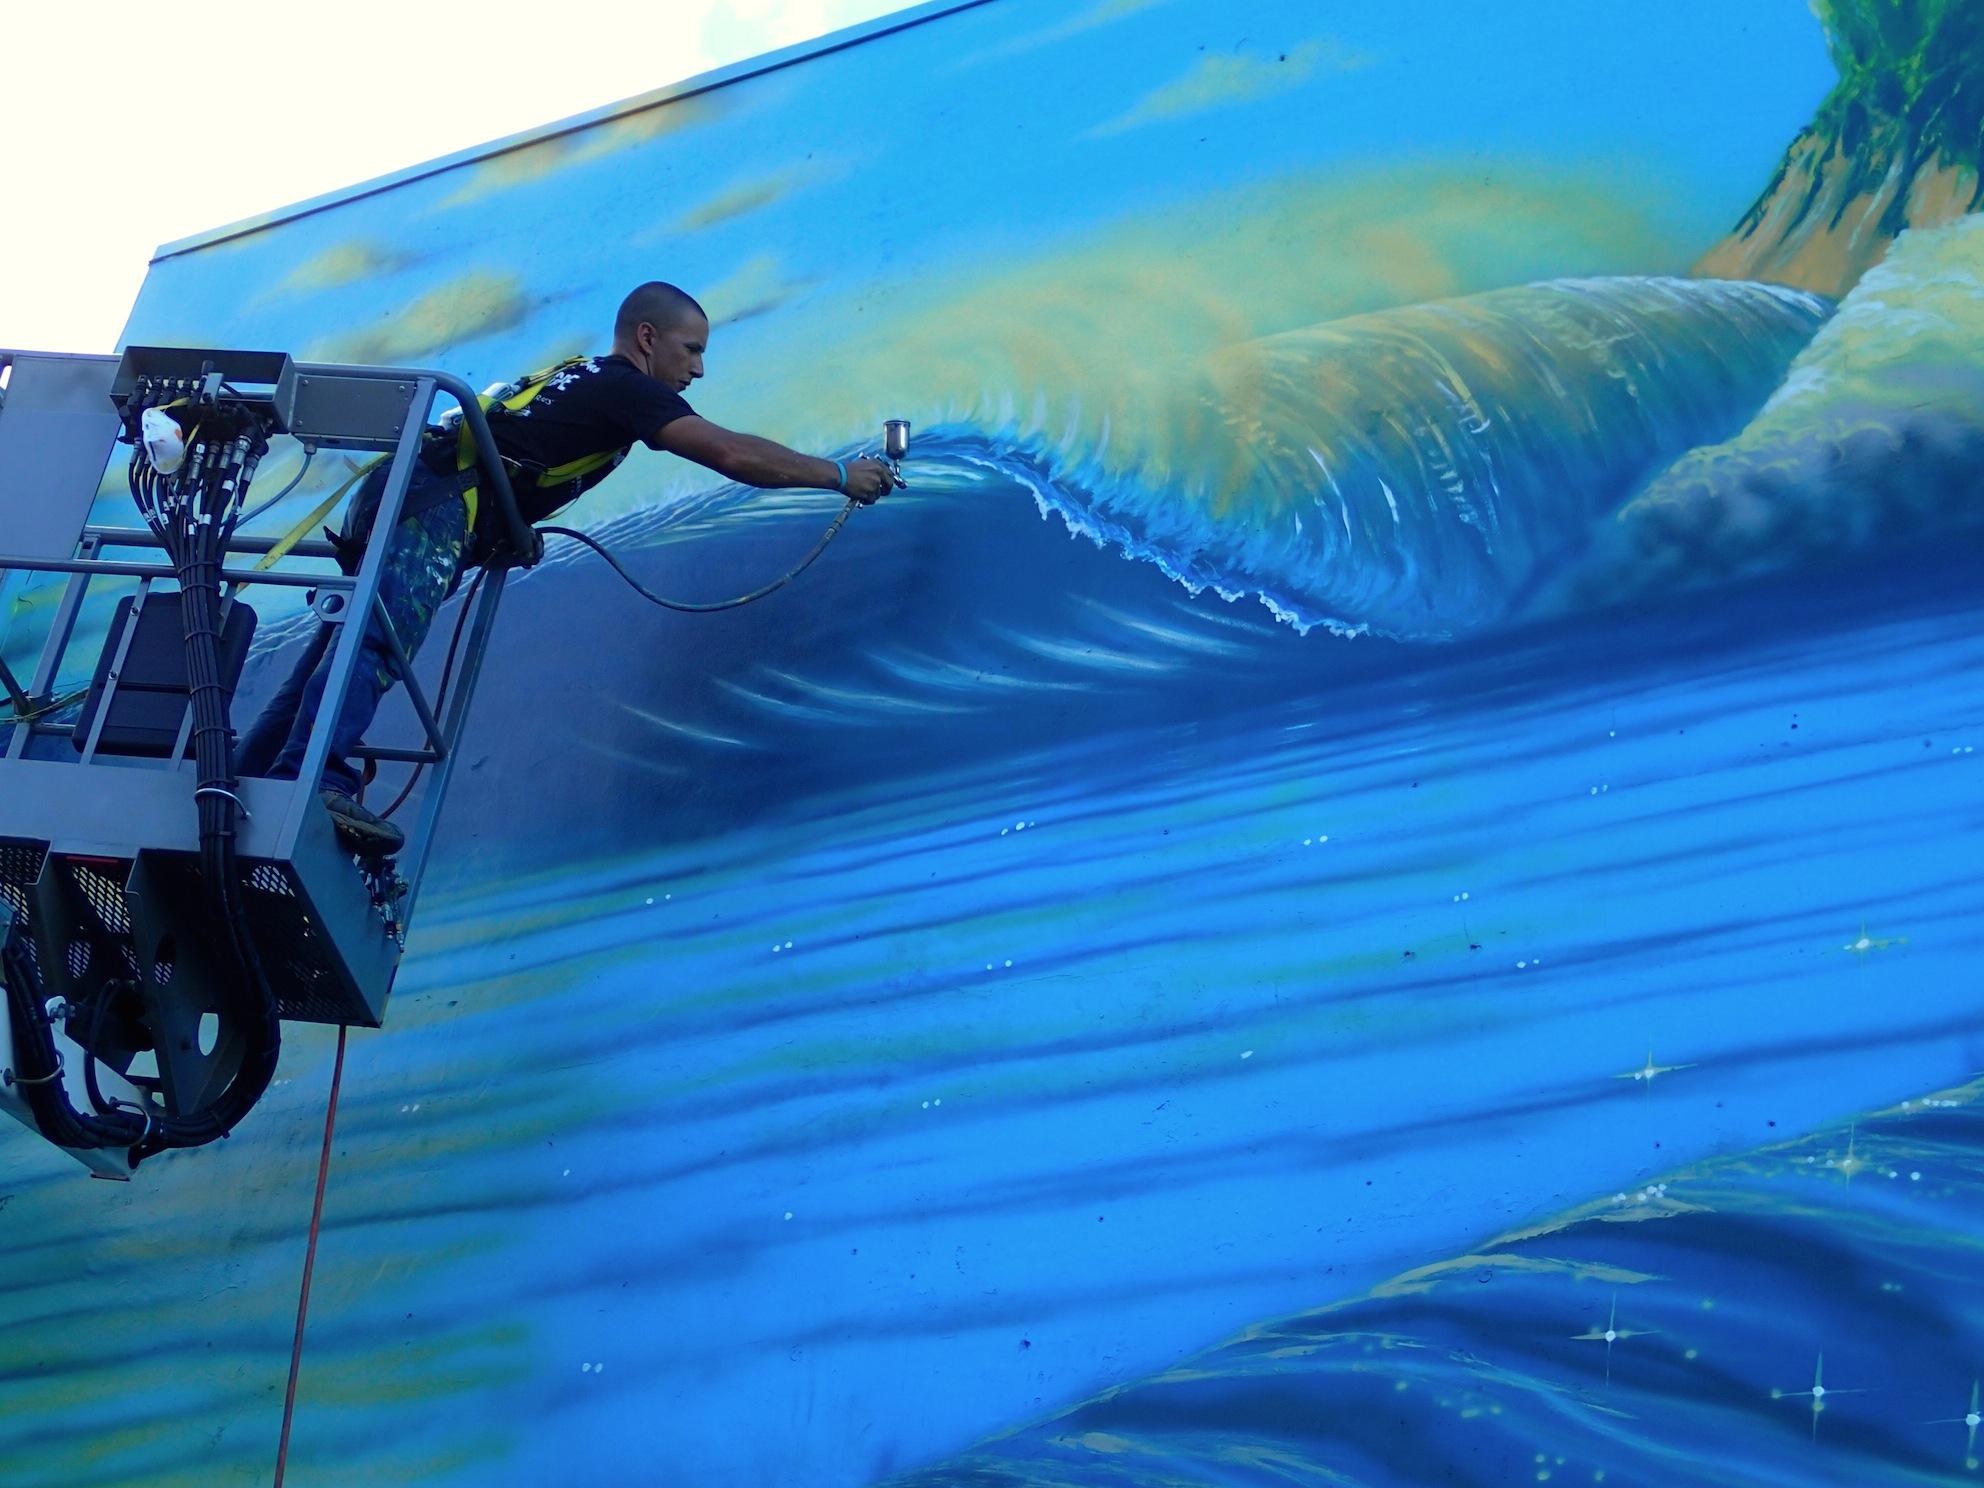 Hilton painting lift Hilton Alves Paints 3rd Perfect Wave Mural of 101